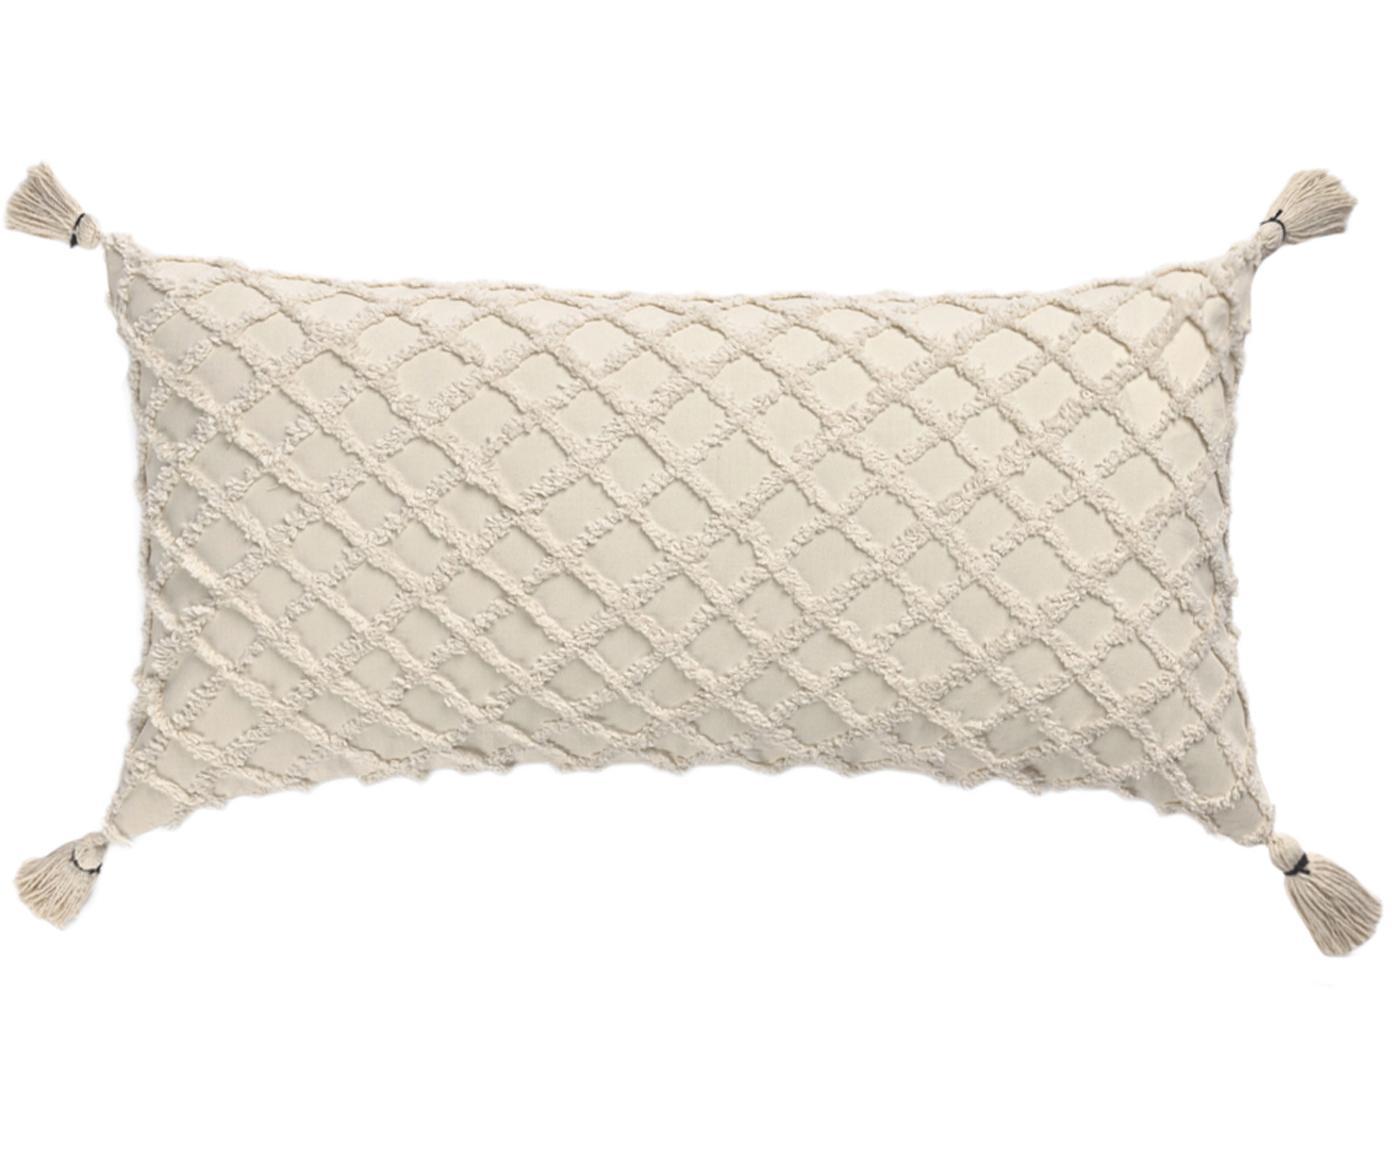 Kissenhülle Royal mit Hoch-Tief-Muster, 100% Baumwolle, Gebrochenes Weiss, 30 x 60 cm